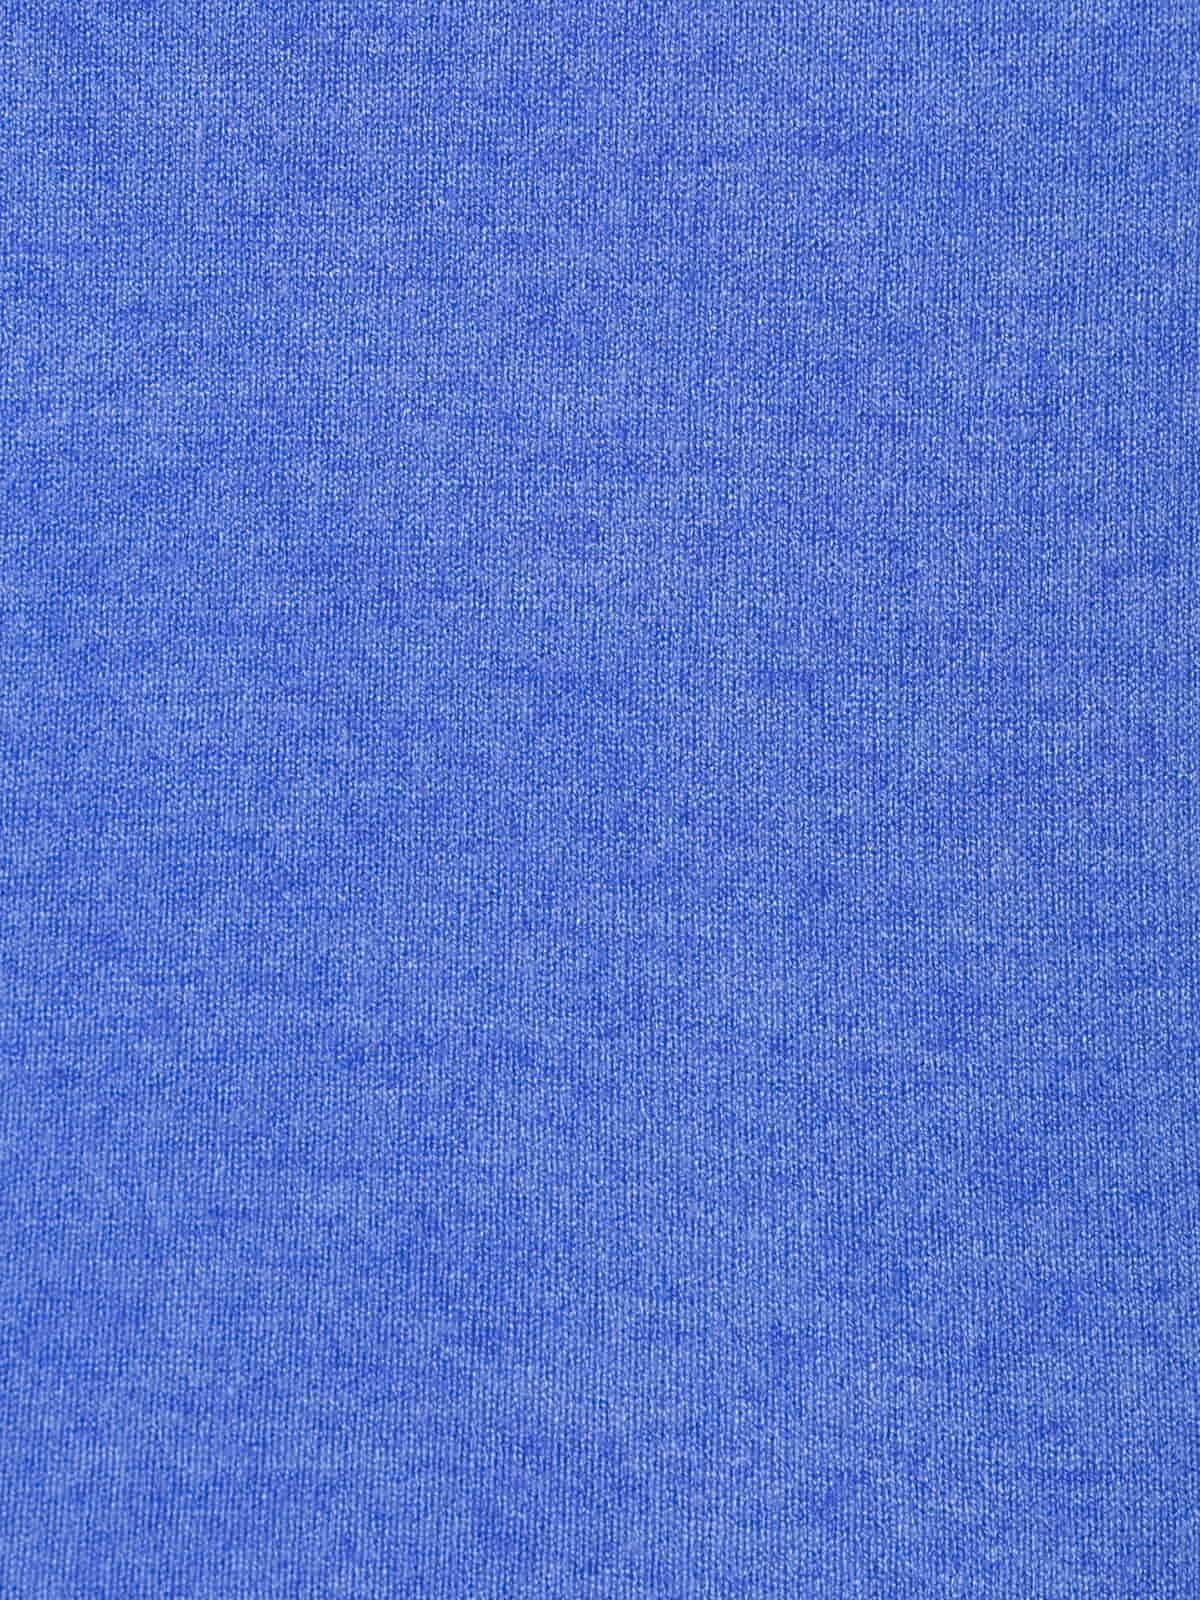 Jersey mujer punto fino cuello redondo Azul